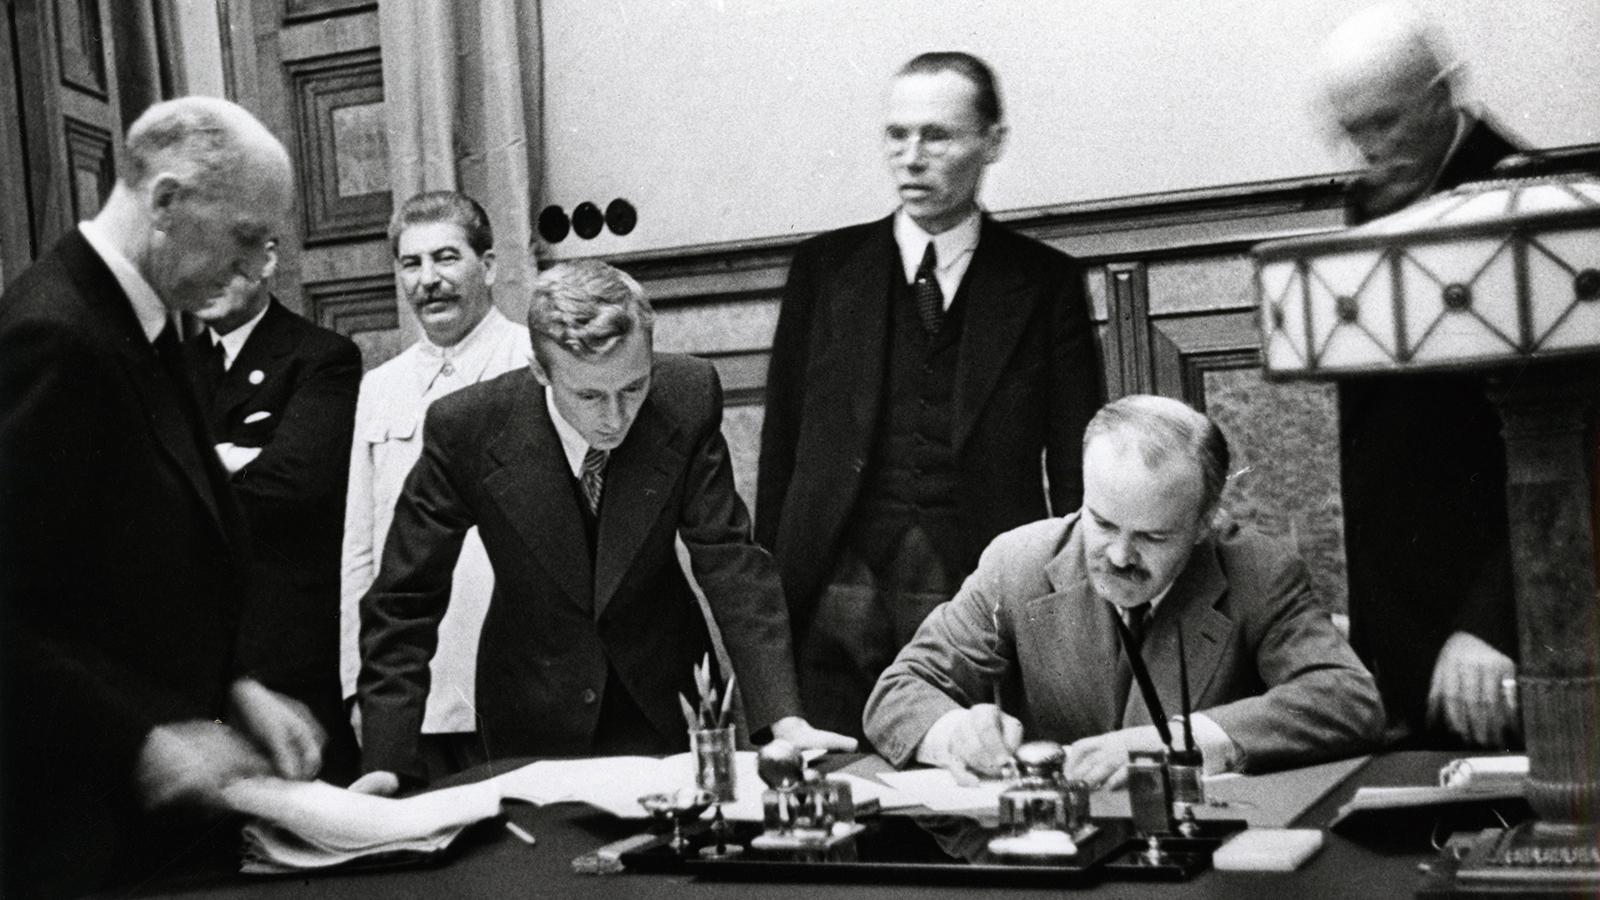 1939 Год. Председатель СНК СССР и нарком иностранных дел СССР В.М.Молотов подписывает советско-германский договор о ненападении 1939 года. Присутствует И.В.Сталин. Фото: архив